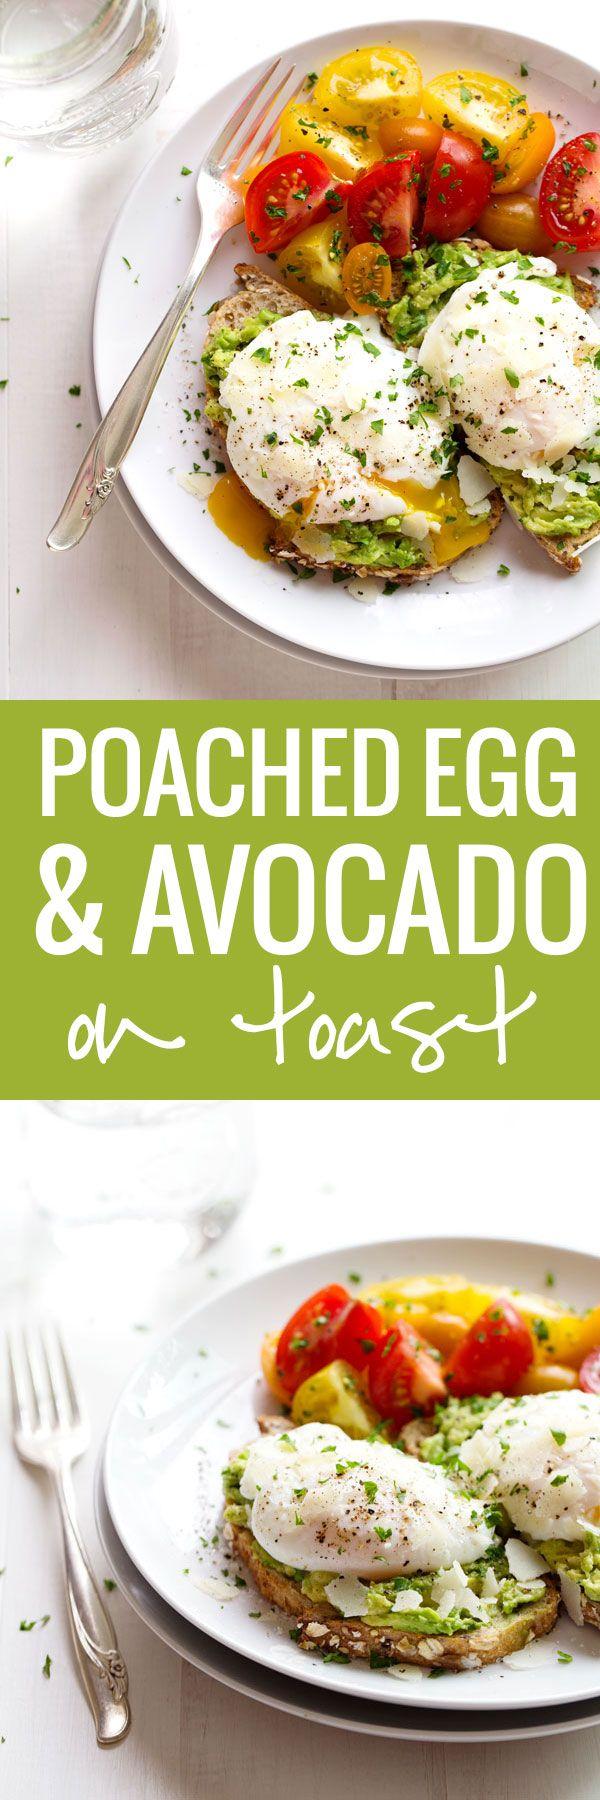 Simple Poached Egg and Avocado Toast | #recipe #healthy #Healthy #Easy #Recipe | @xhealthyrecipex |